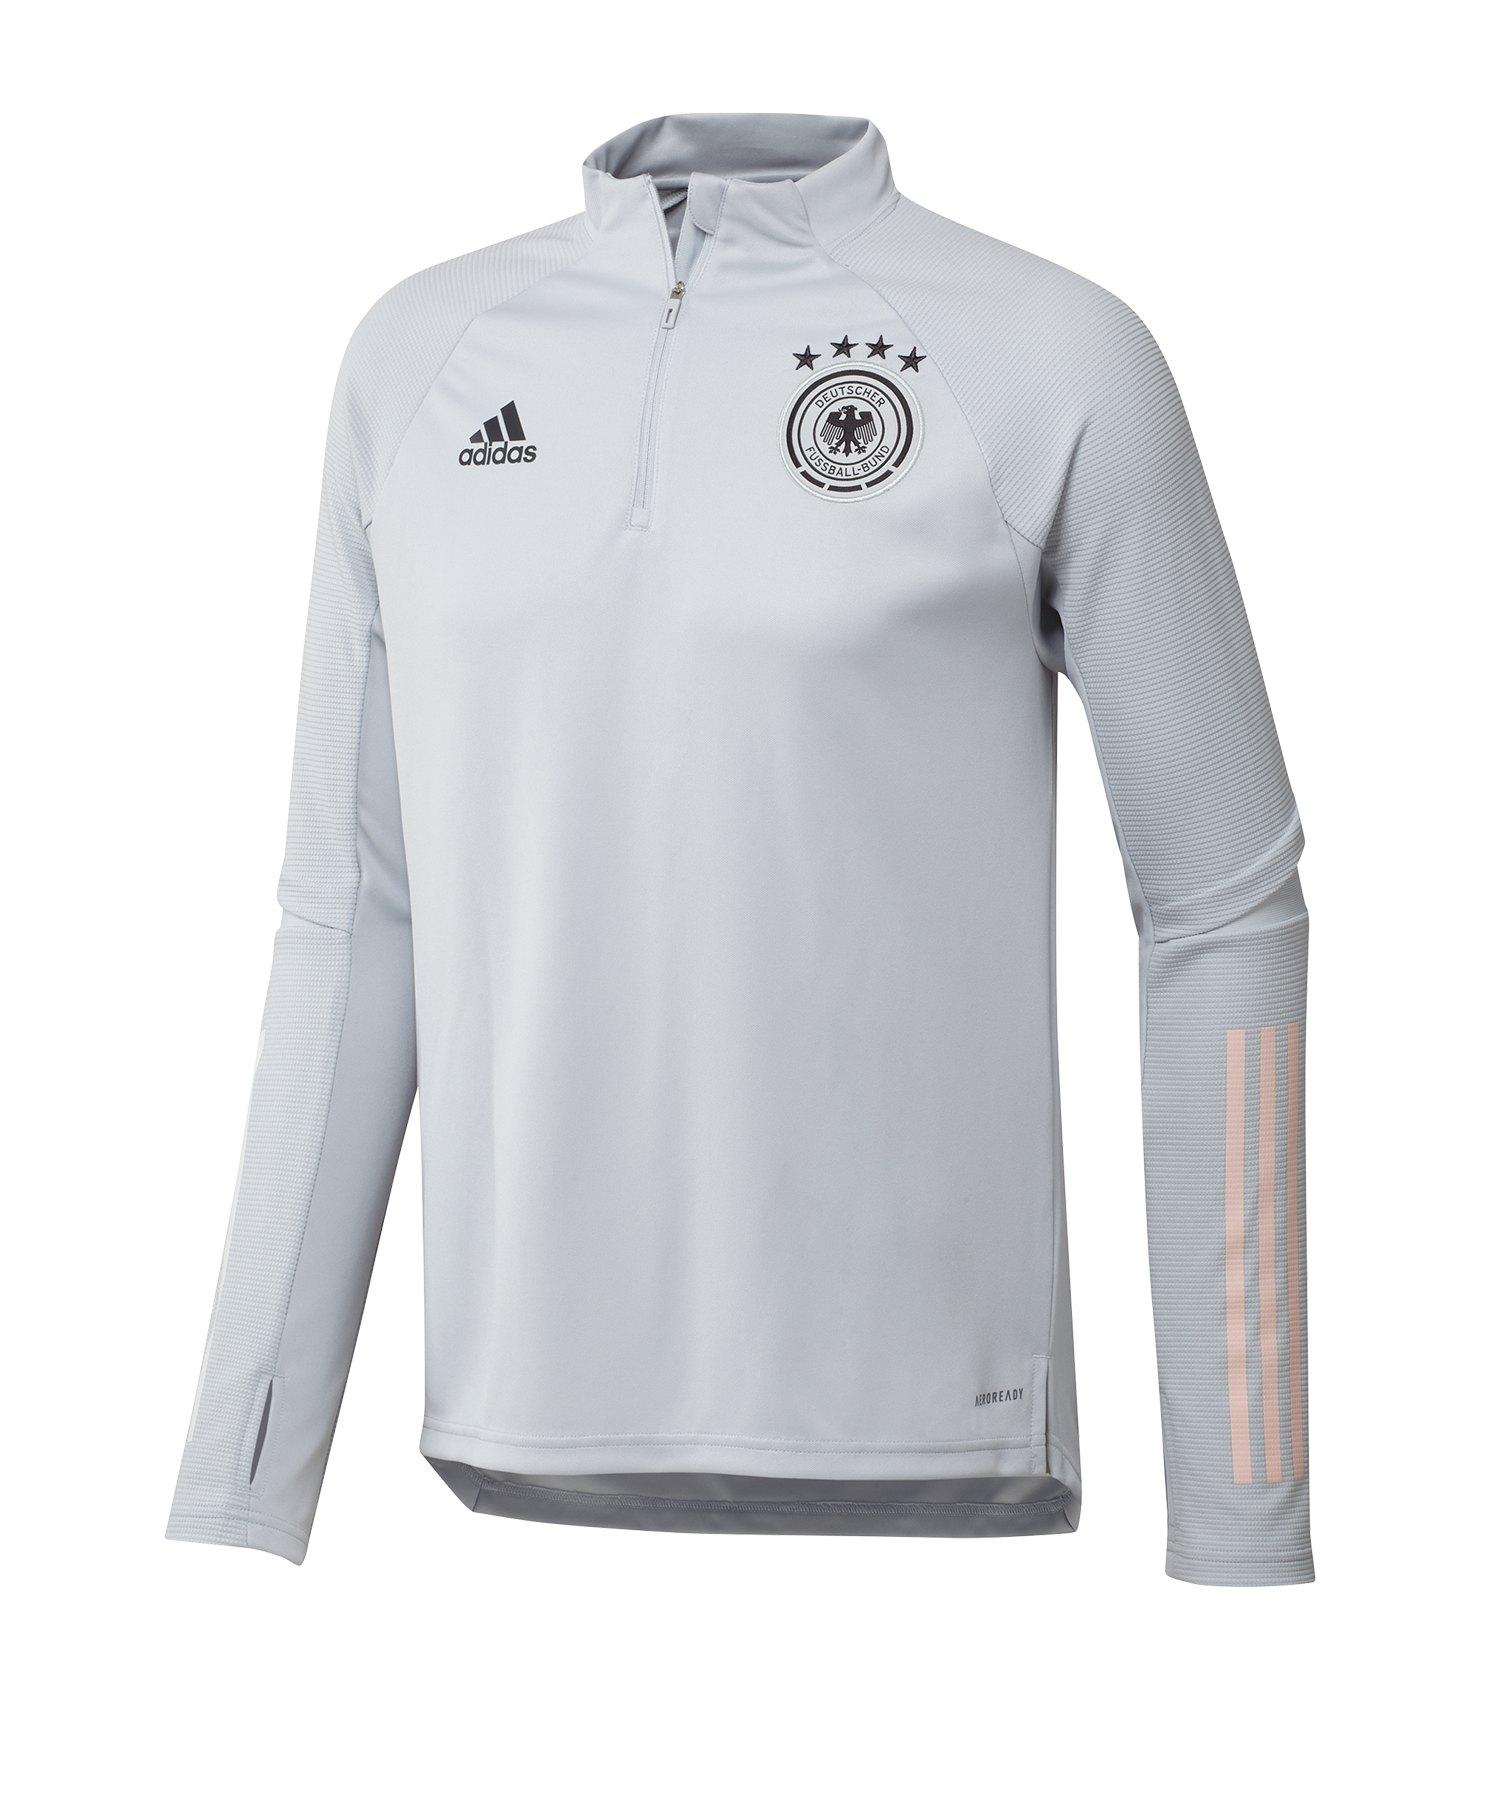 adidas DFB Deutschland Trainingstop Hellgrau - grau